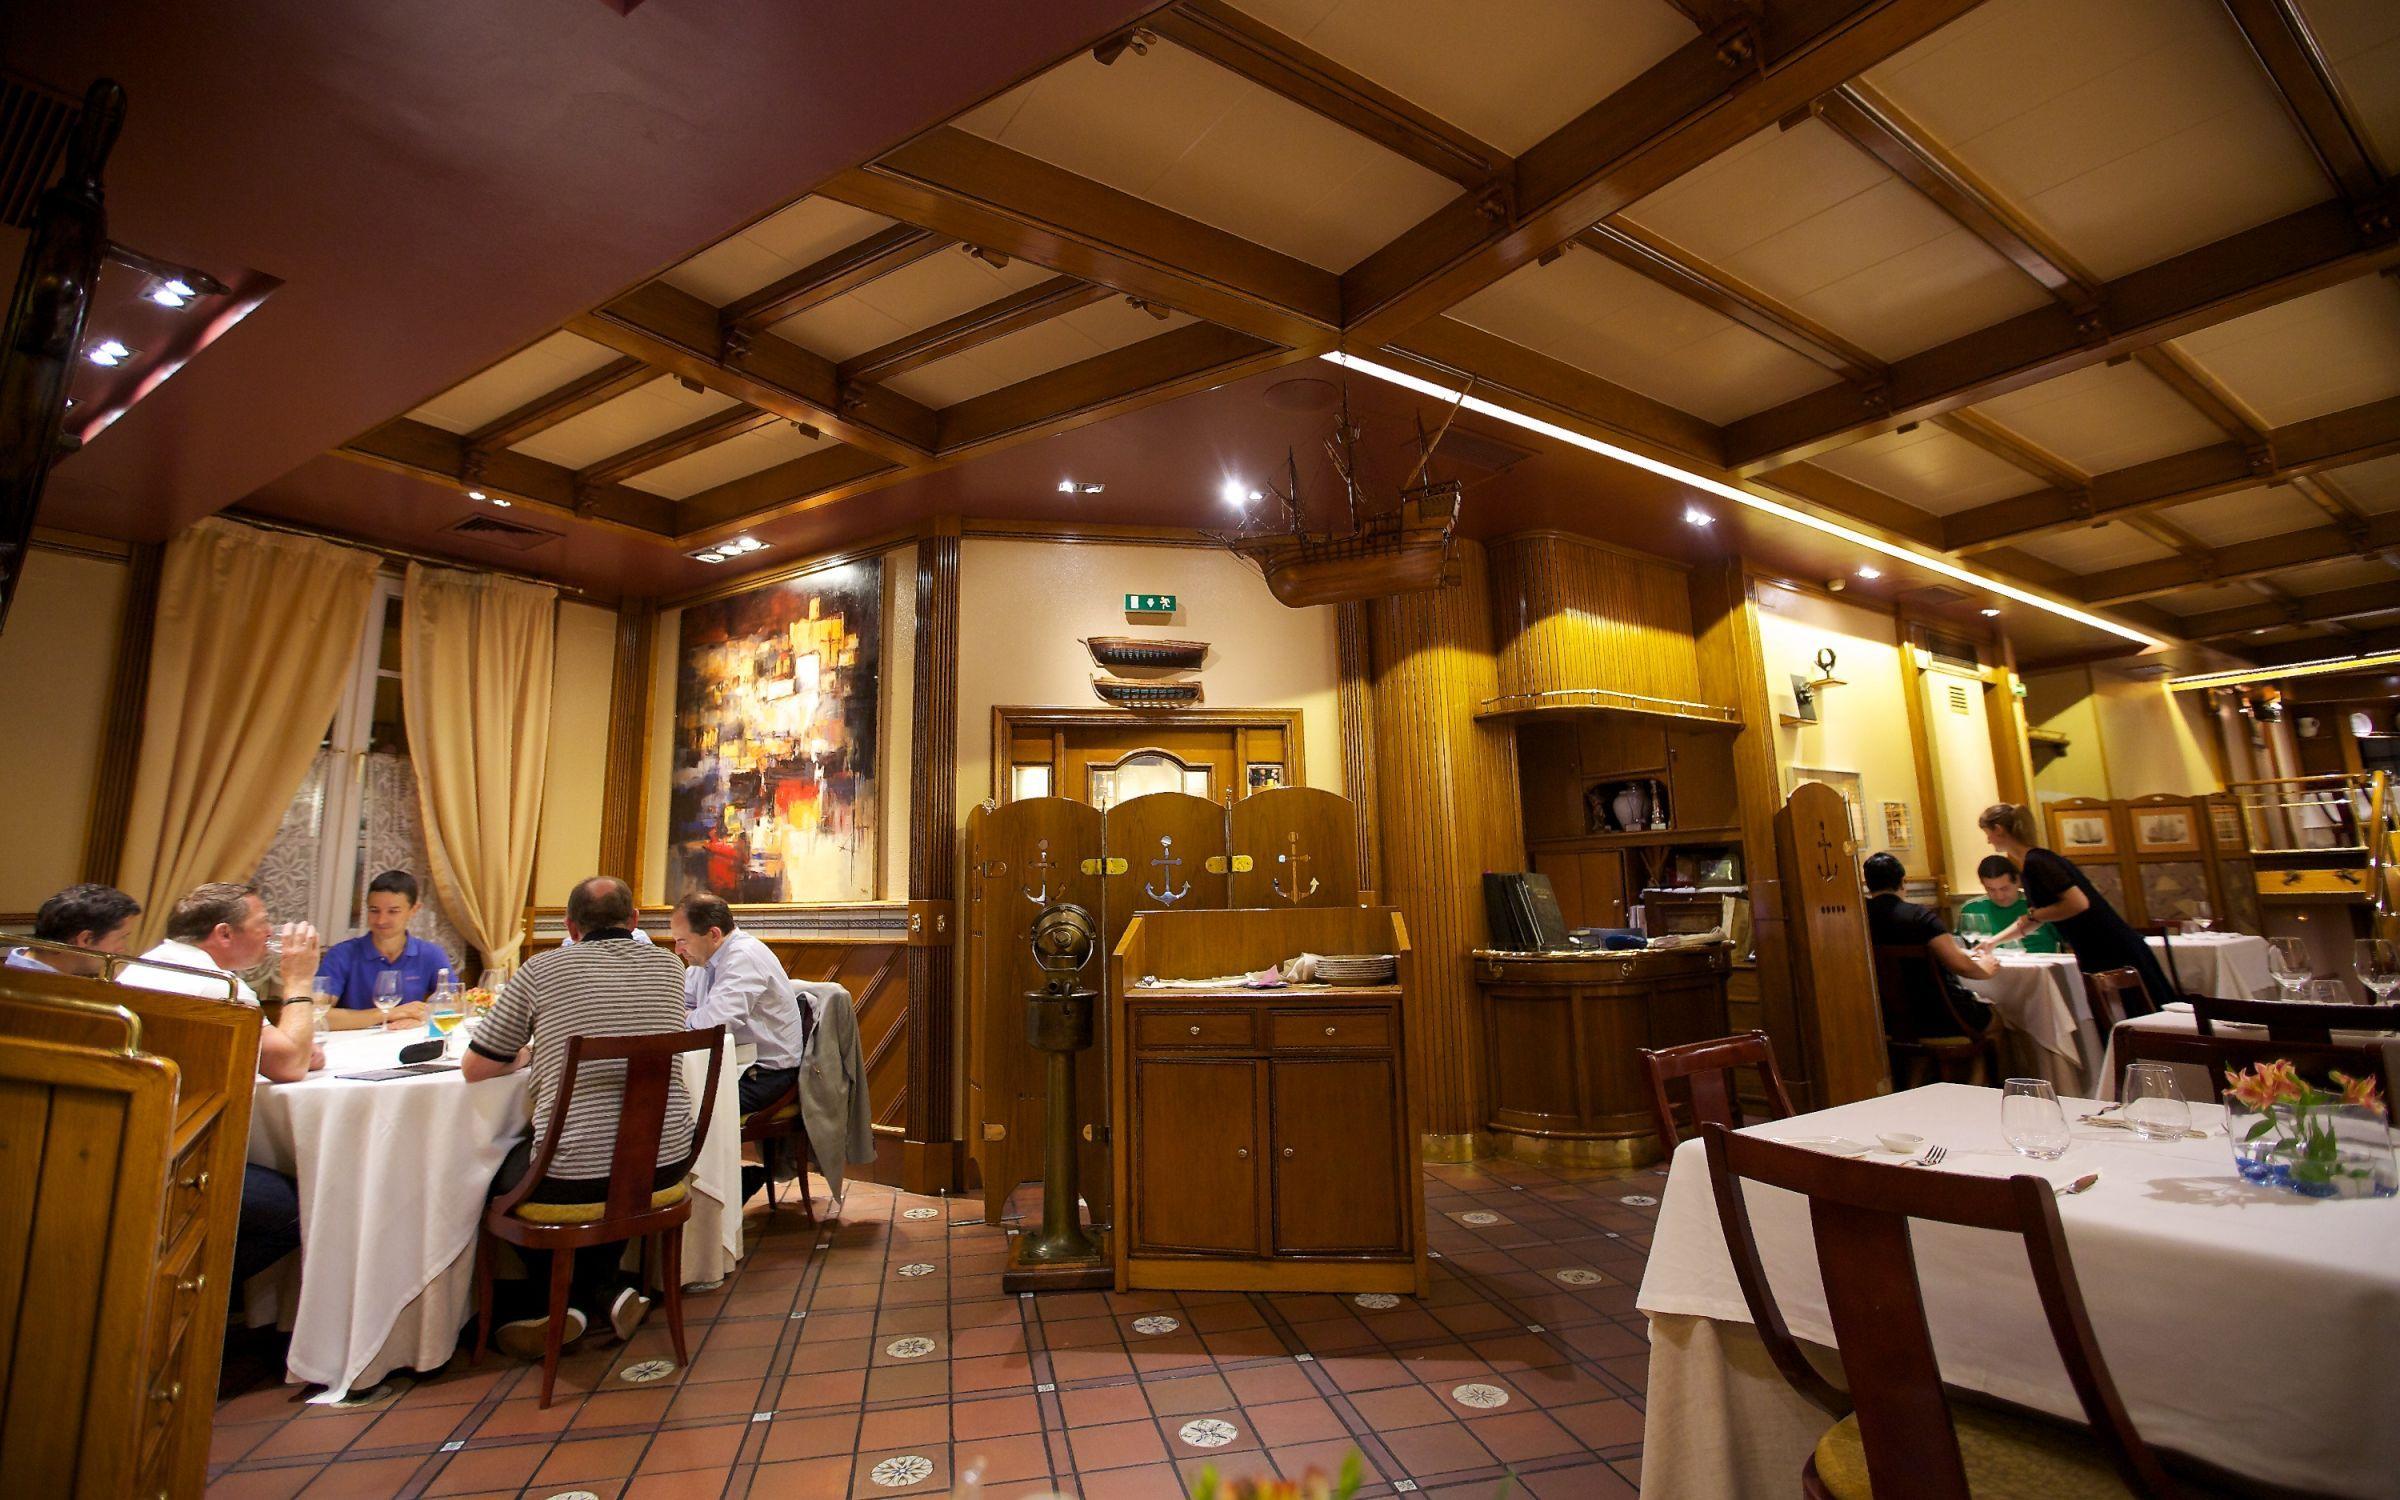 Elkano QLI Travel QLI Travel Restaurants, wines and travel